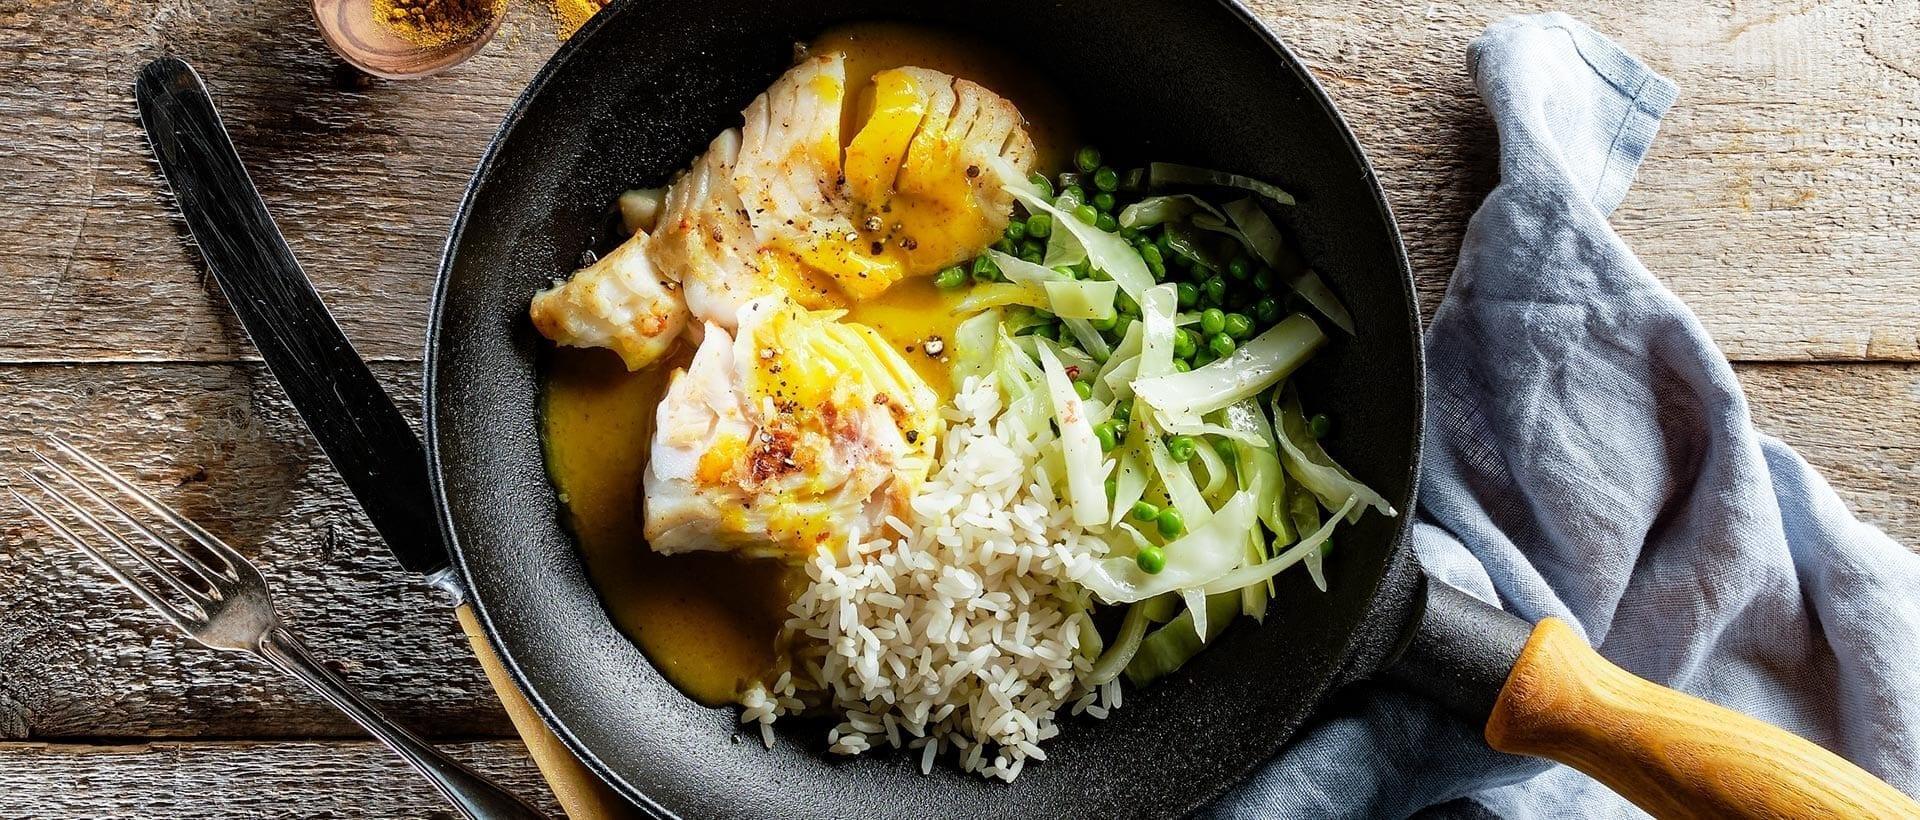 Torsk med karrysovs og ris